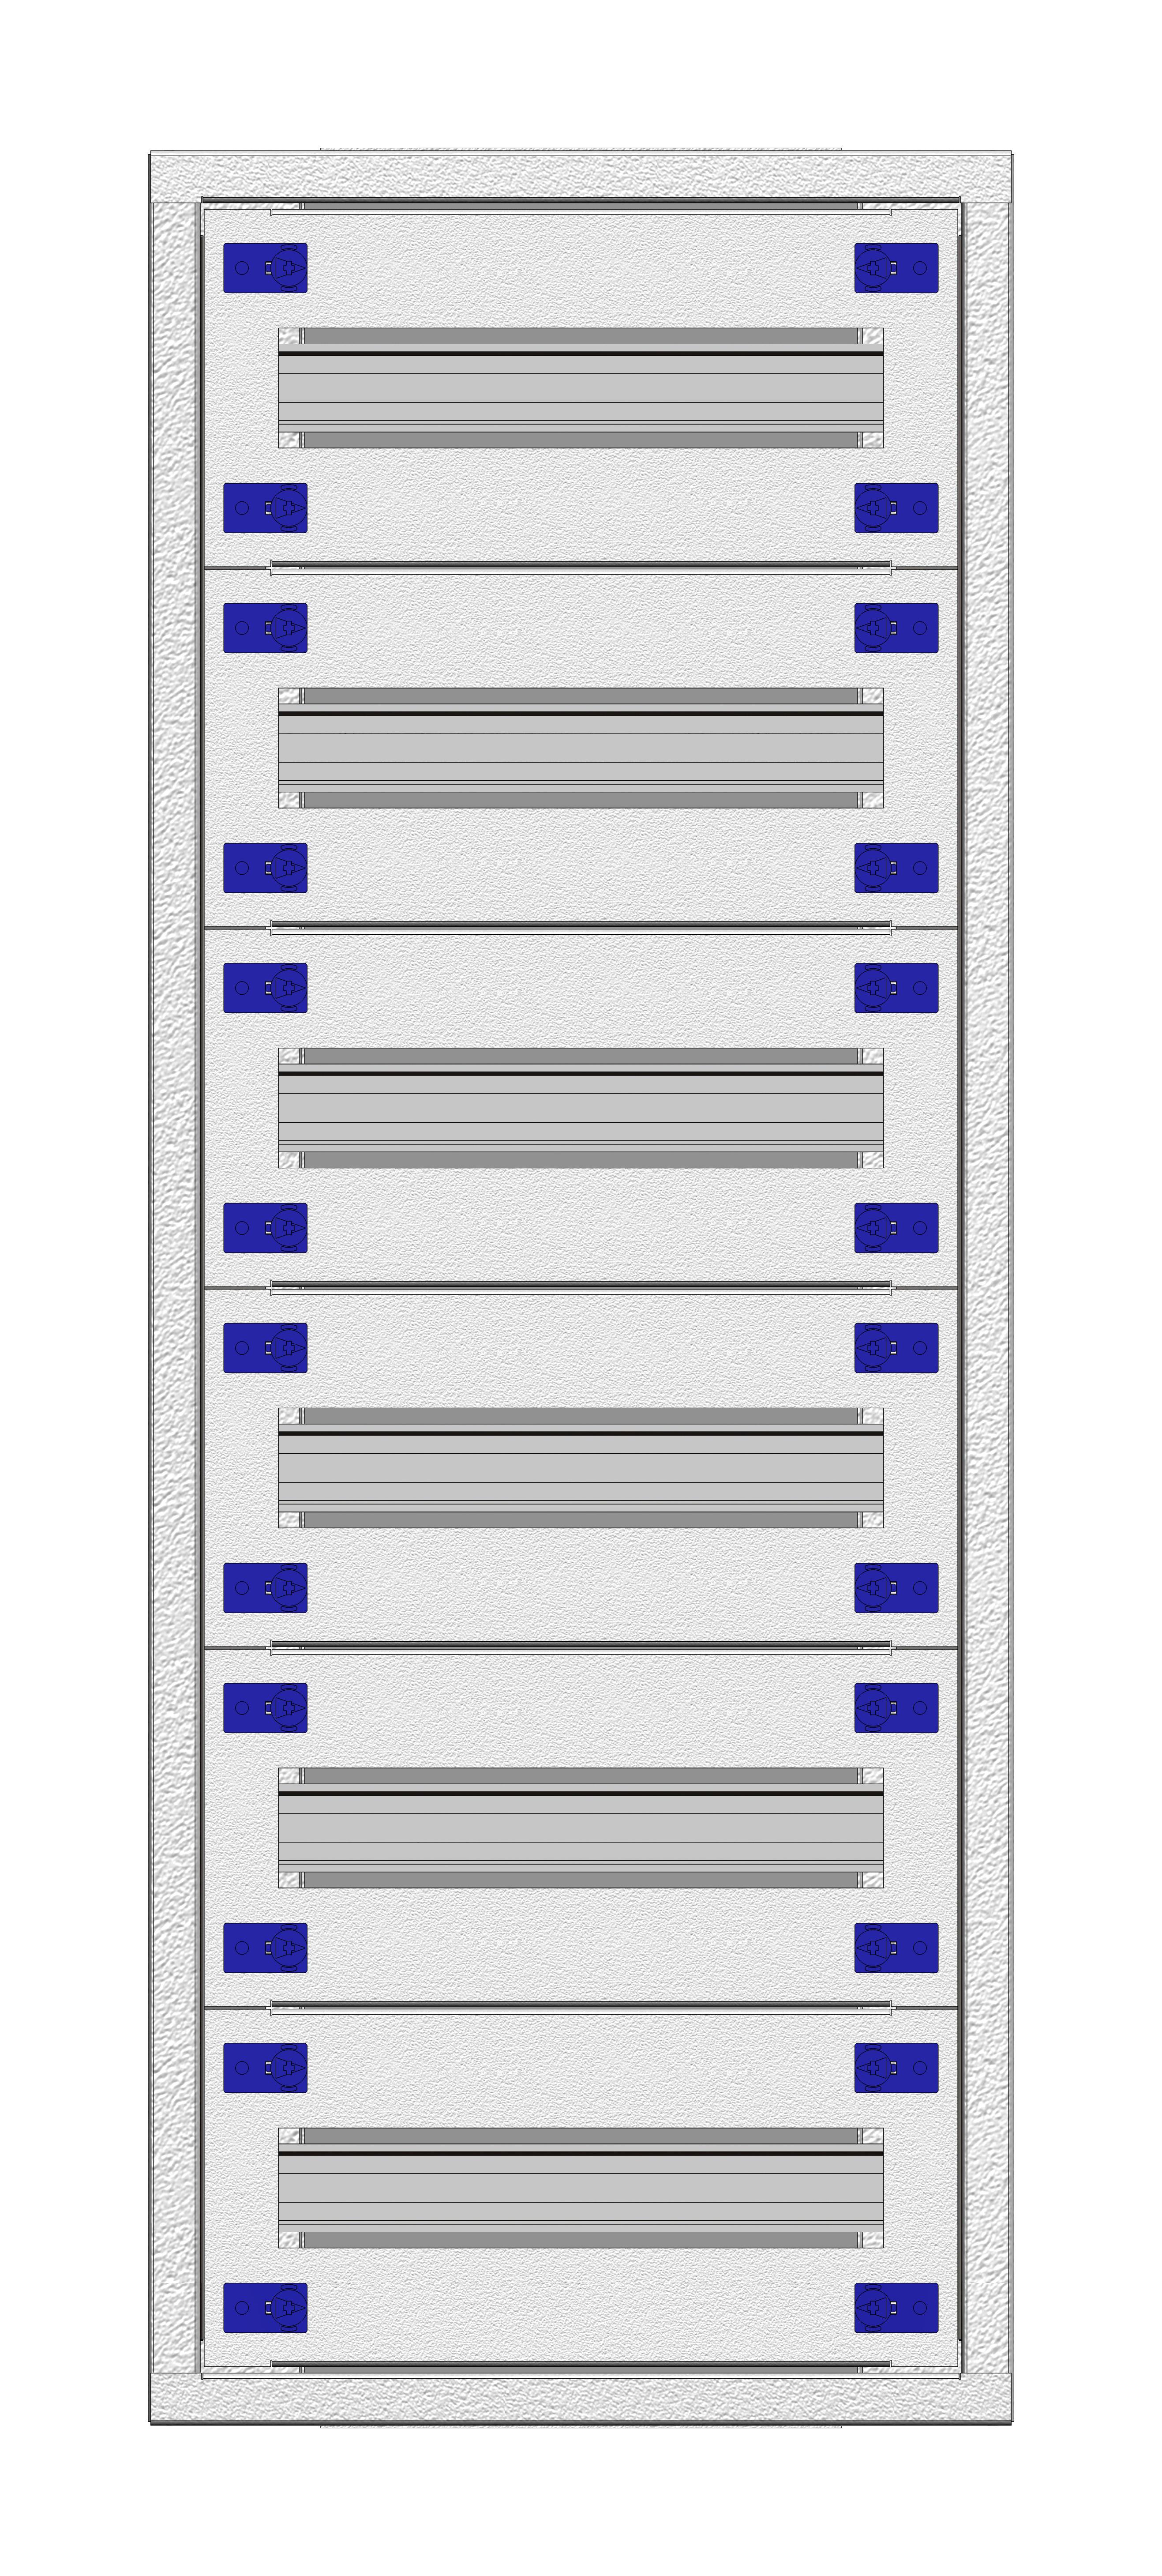 1 Stk Aufputz-Installationsverteiler 1A-18K, H915B380T250mm IL172118AS